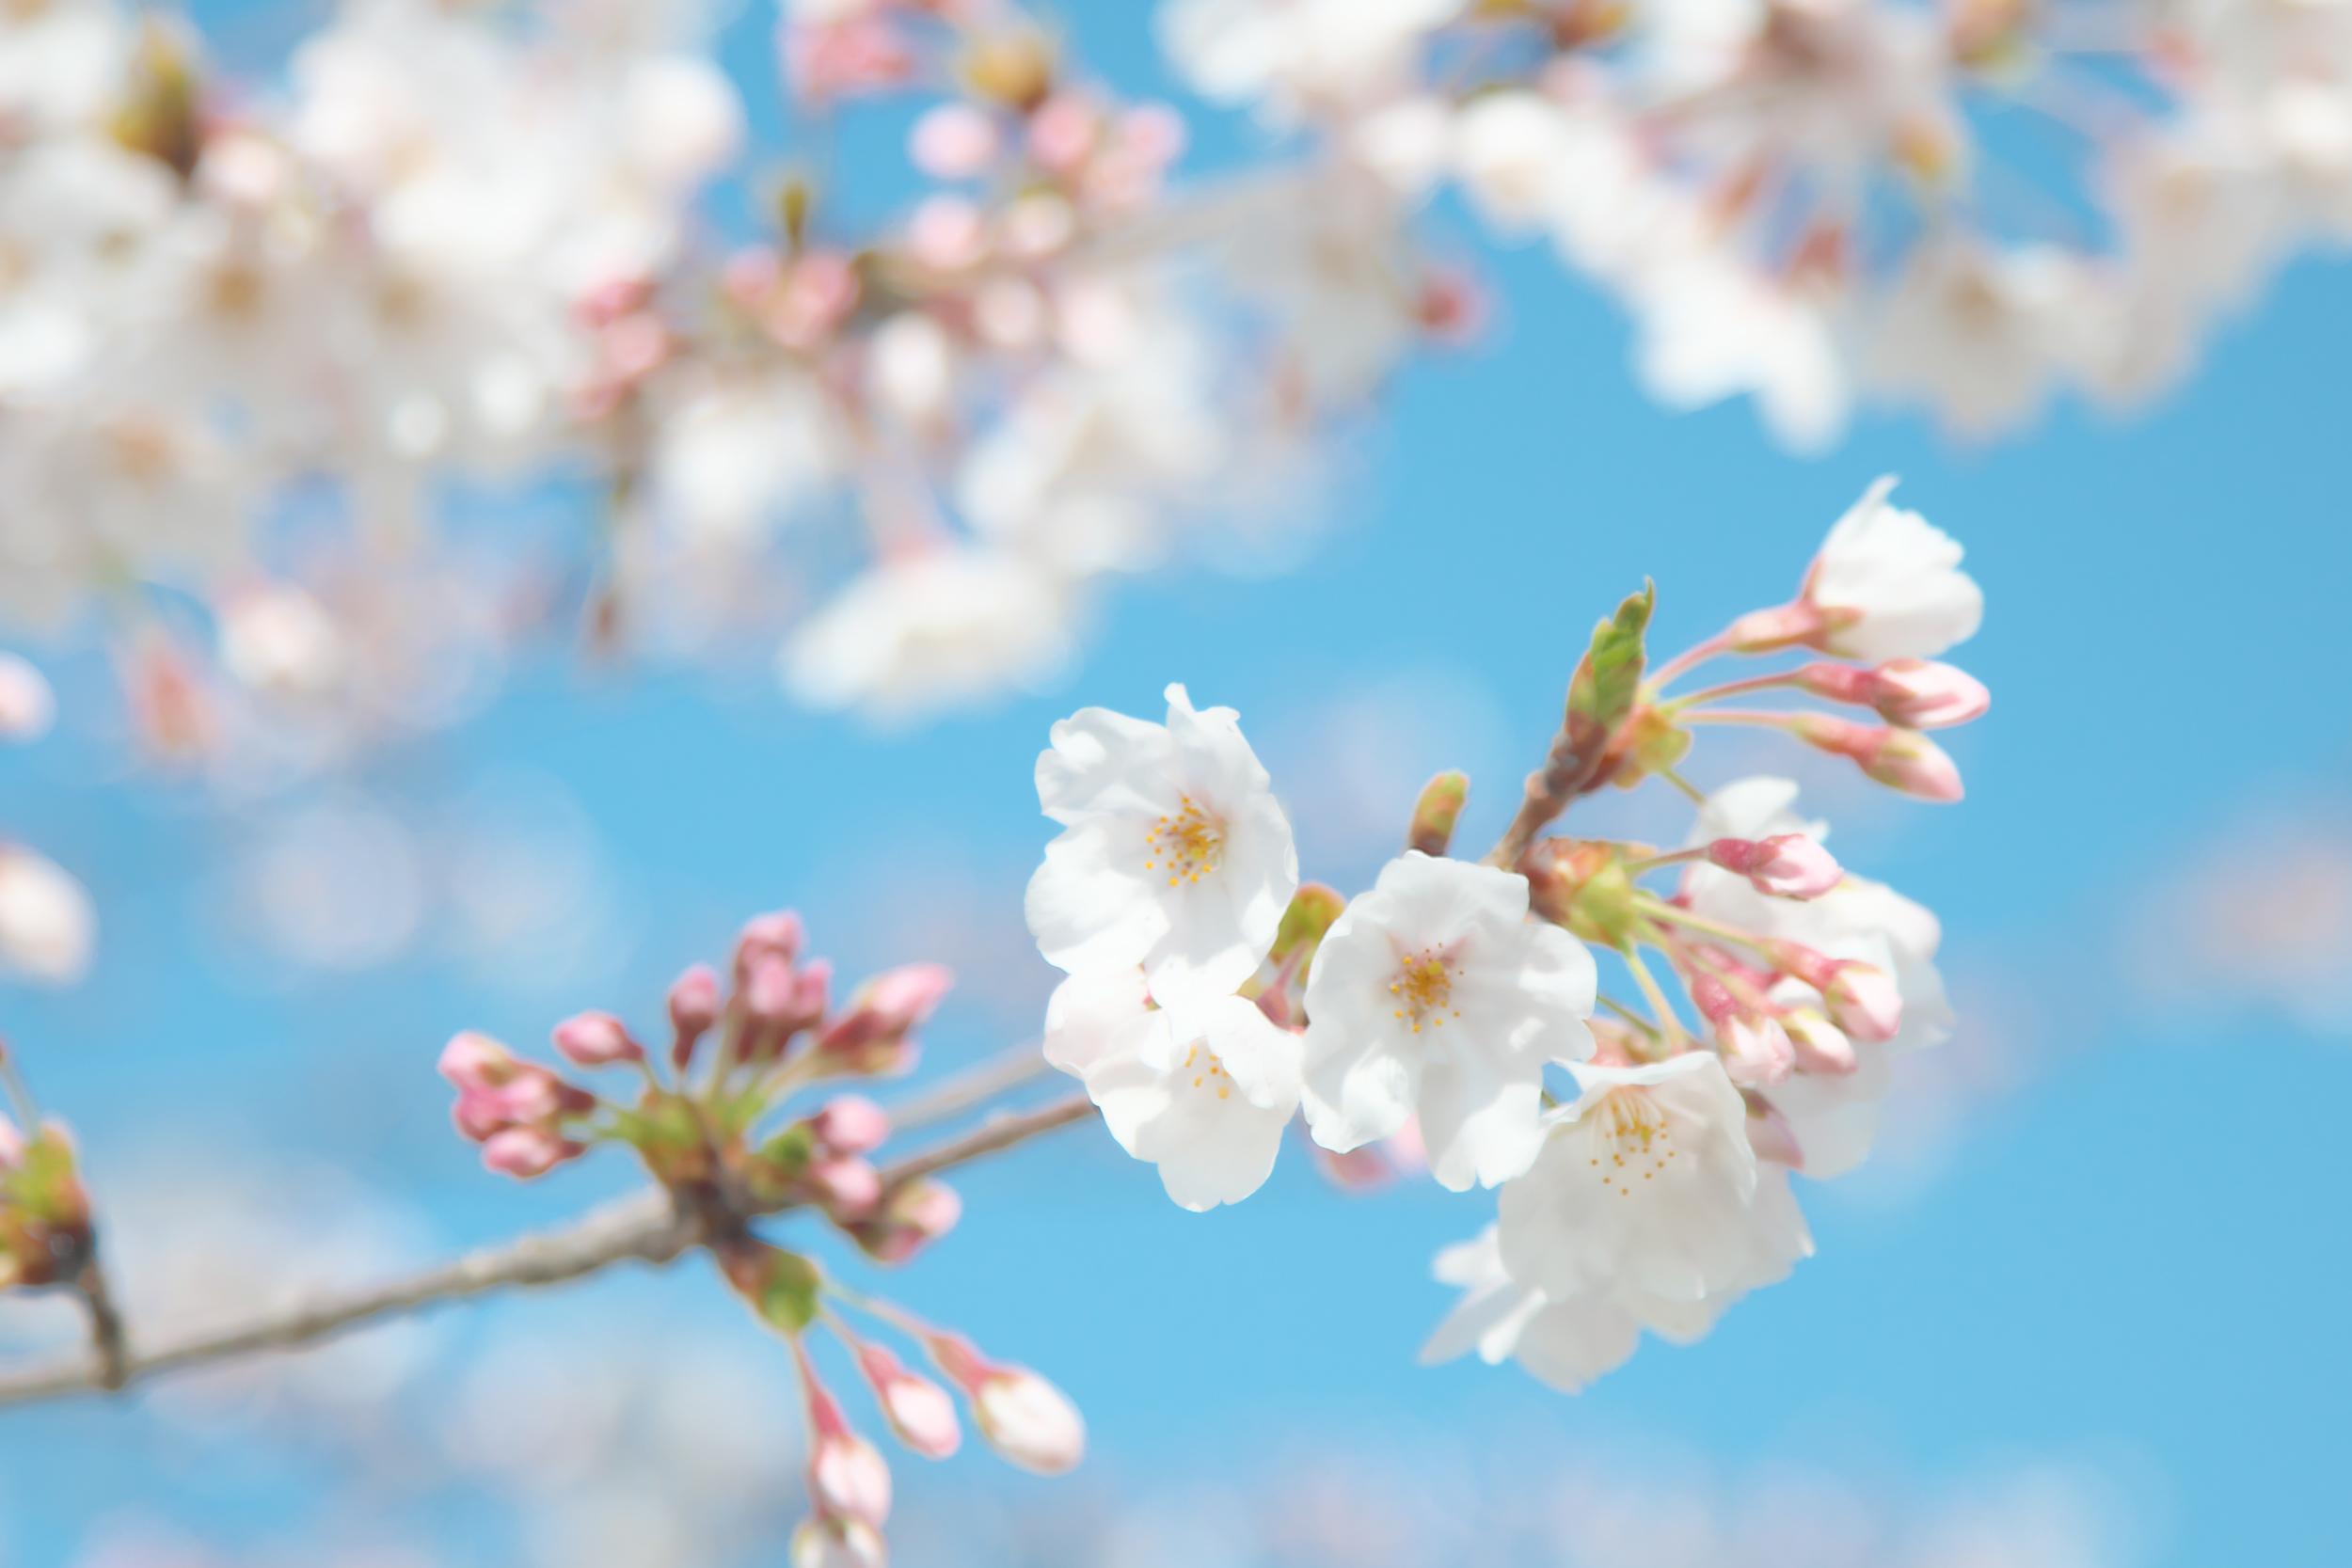 花の写真をRAW現像でハイキー調の写真に仕上げよう